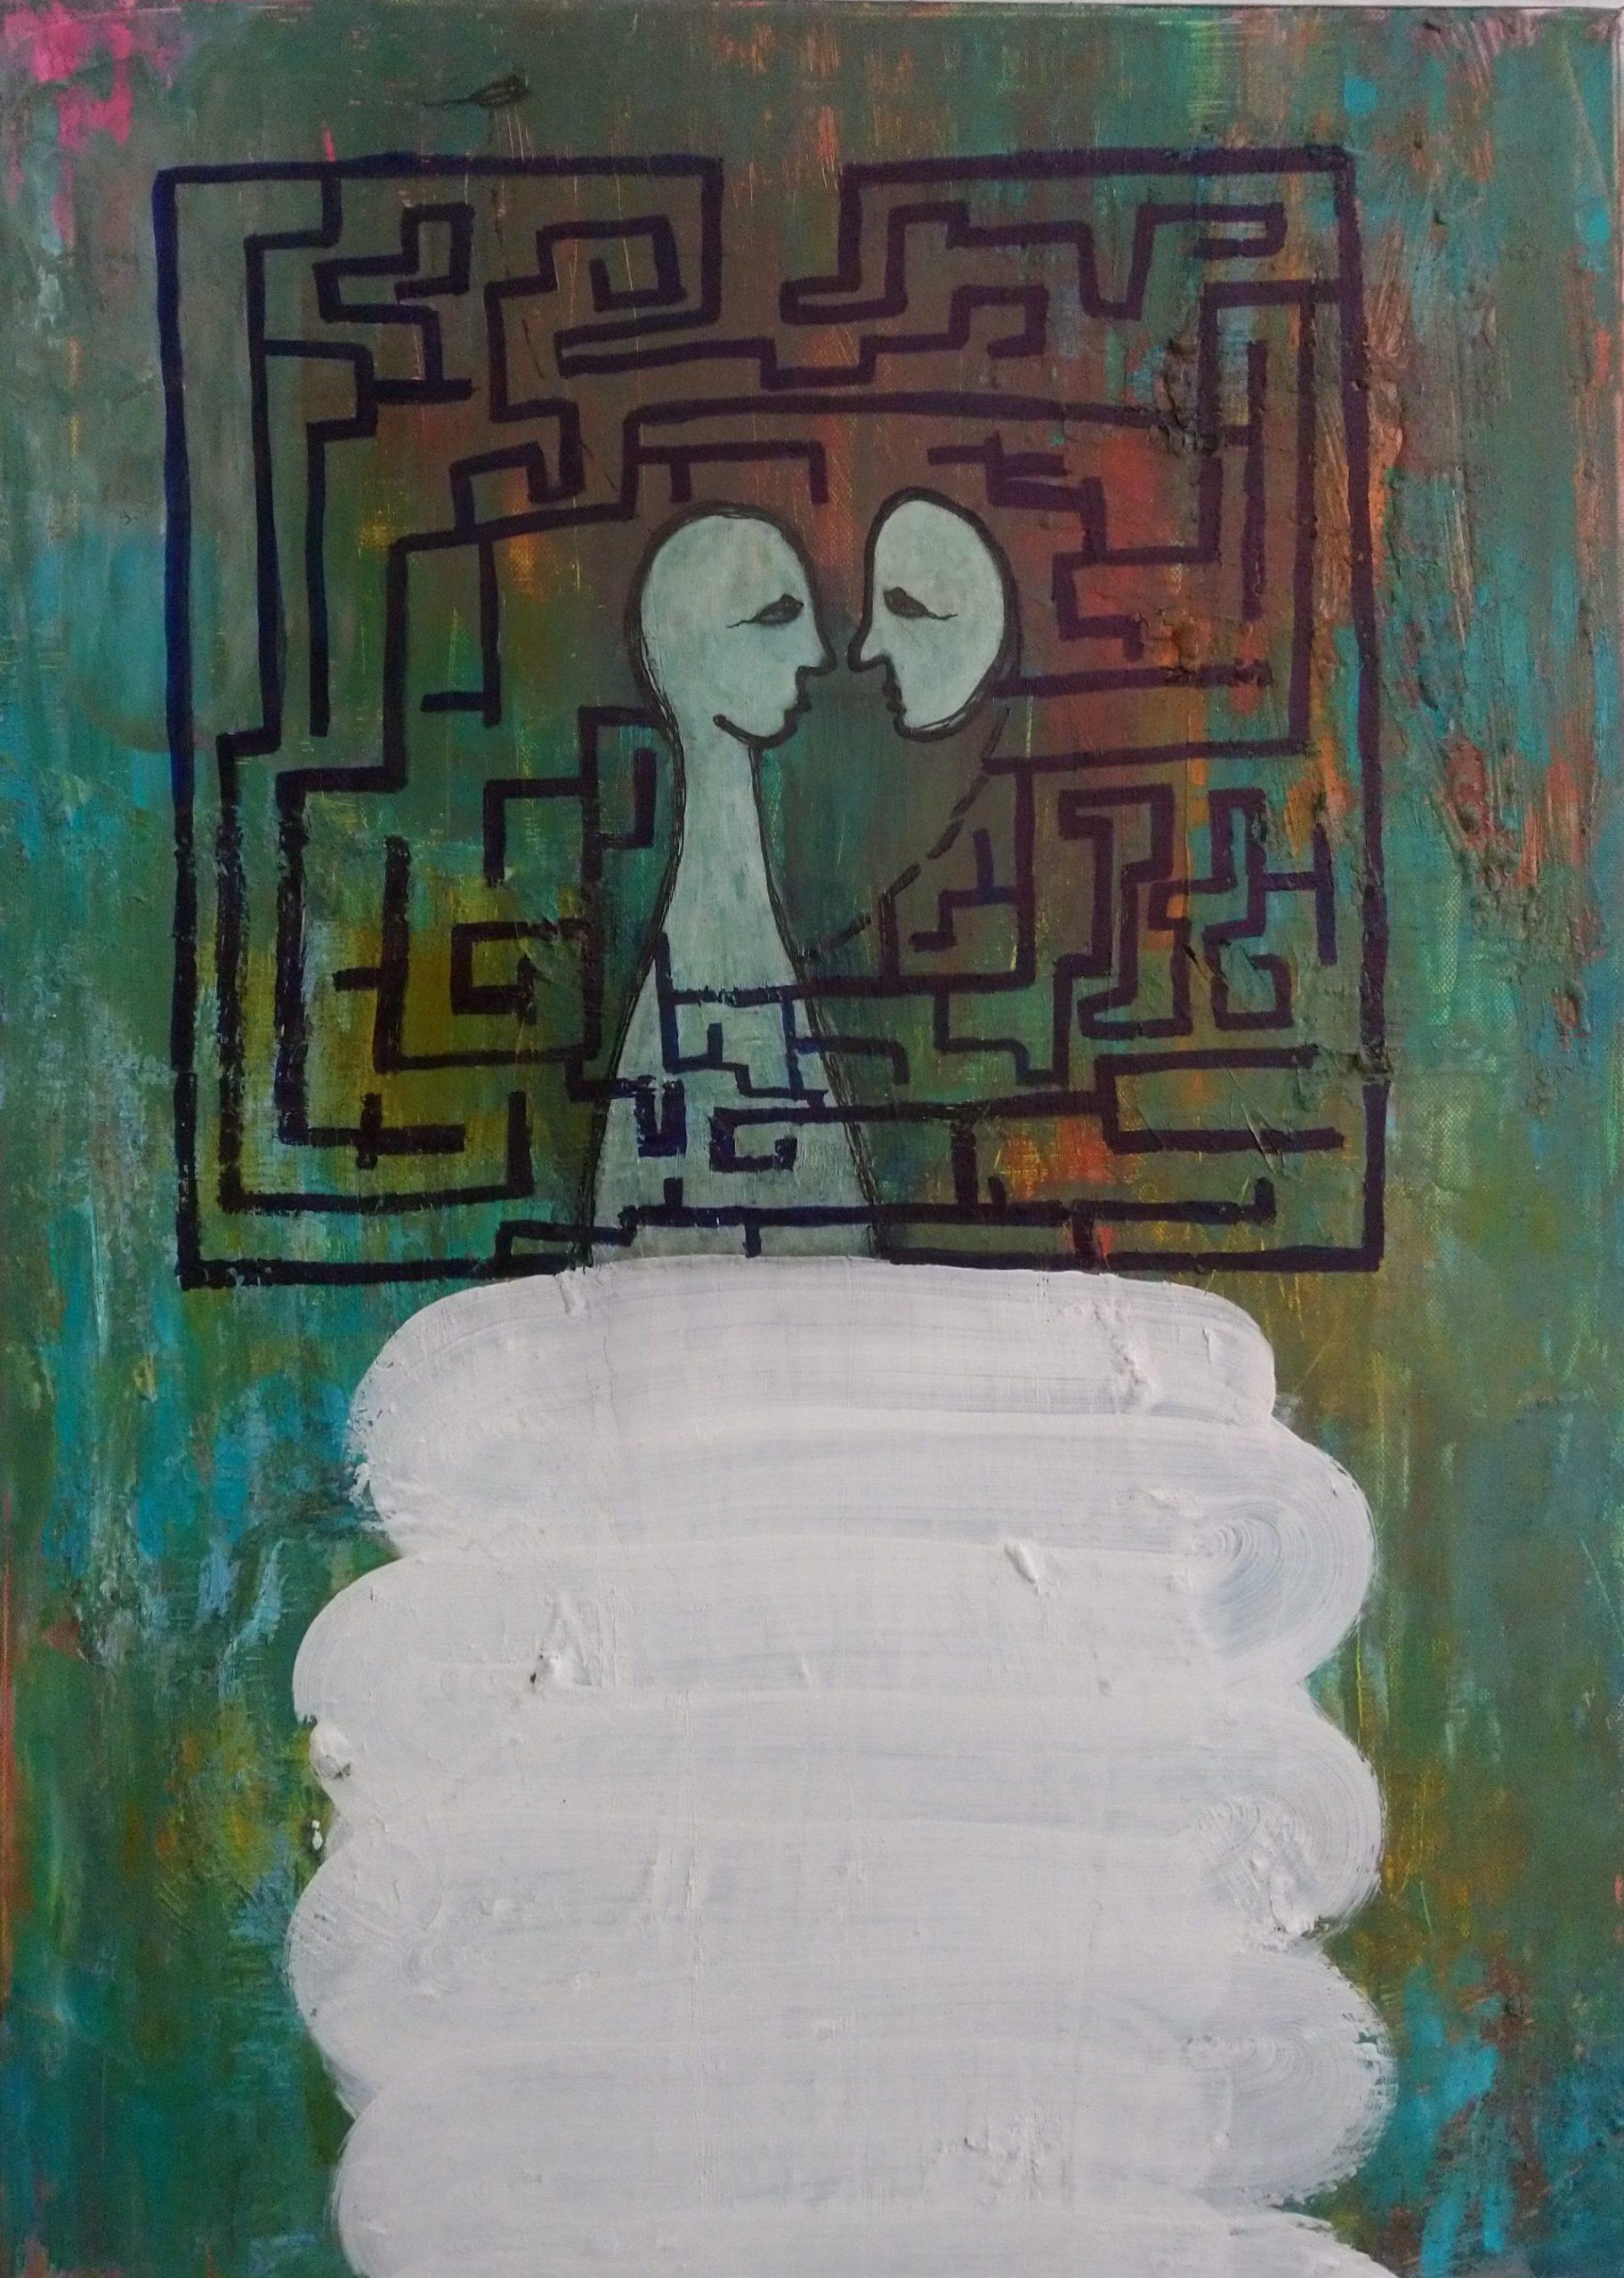 Maalaus, jossa kaksi ihmishahmoa seisoo labyrintin keskellä.